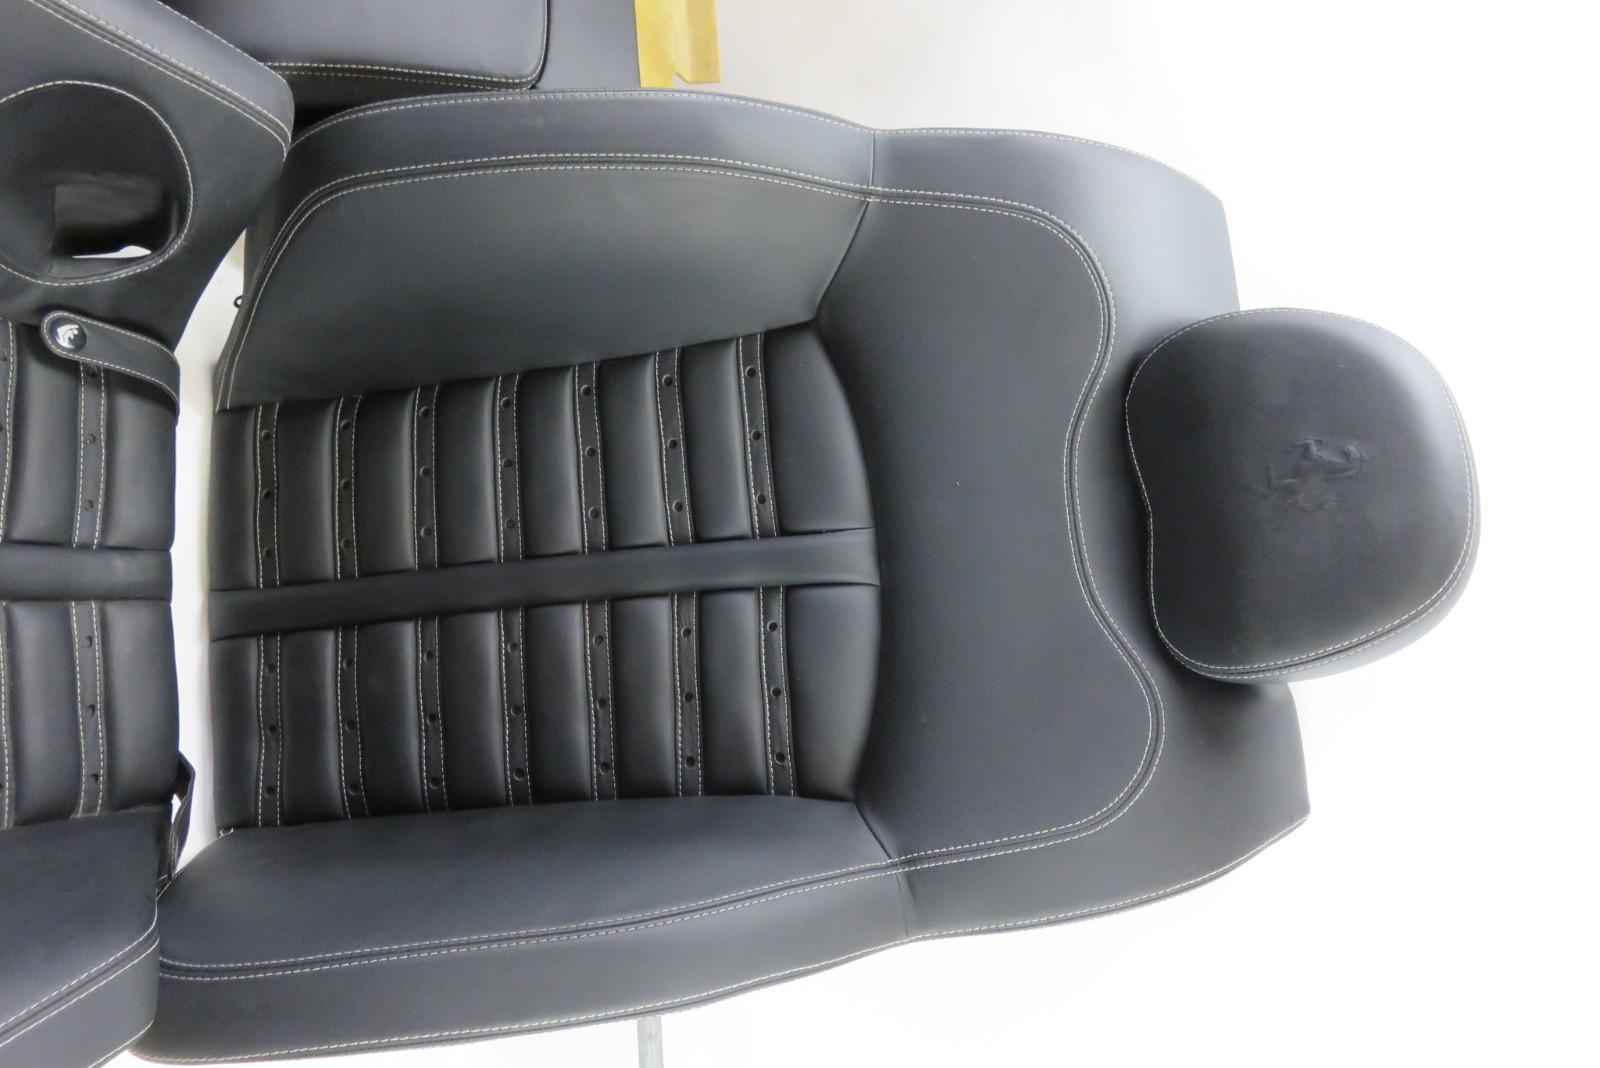 05 ferrari 612 scaglietti rear leather seats w center console black s auto parts